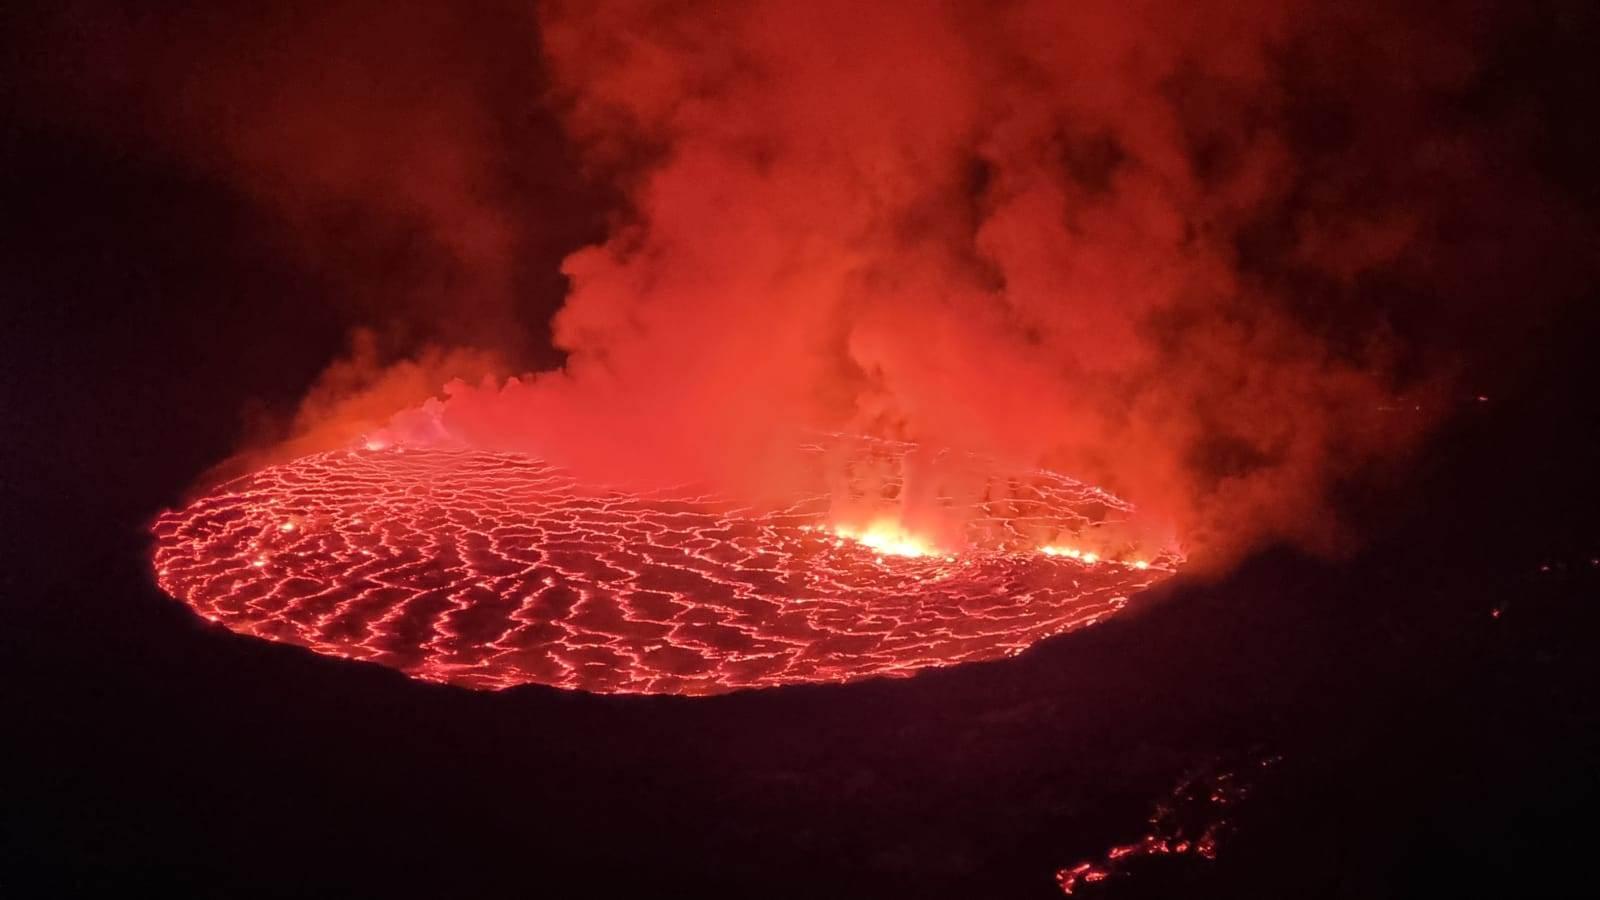 Jedan od najaktivnijih vulkana u svijetu Nyiragongo